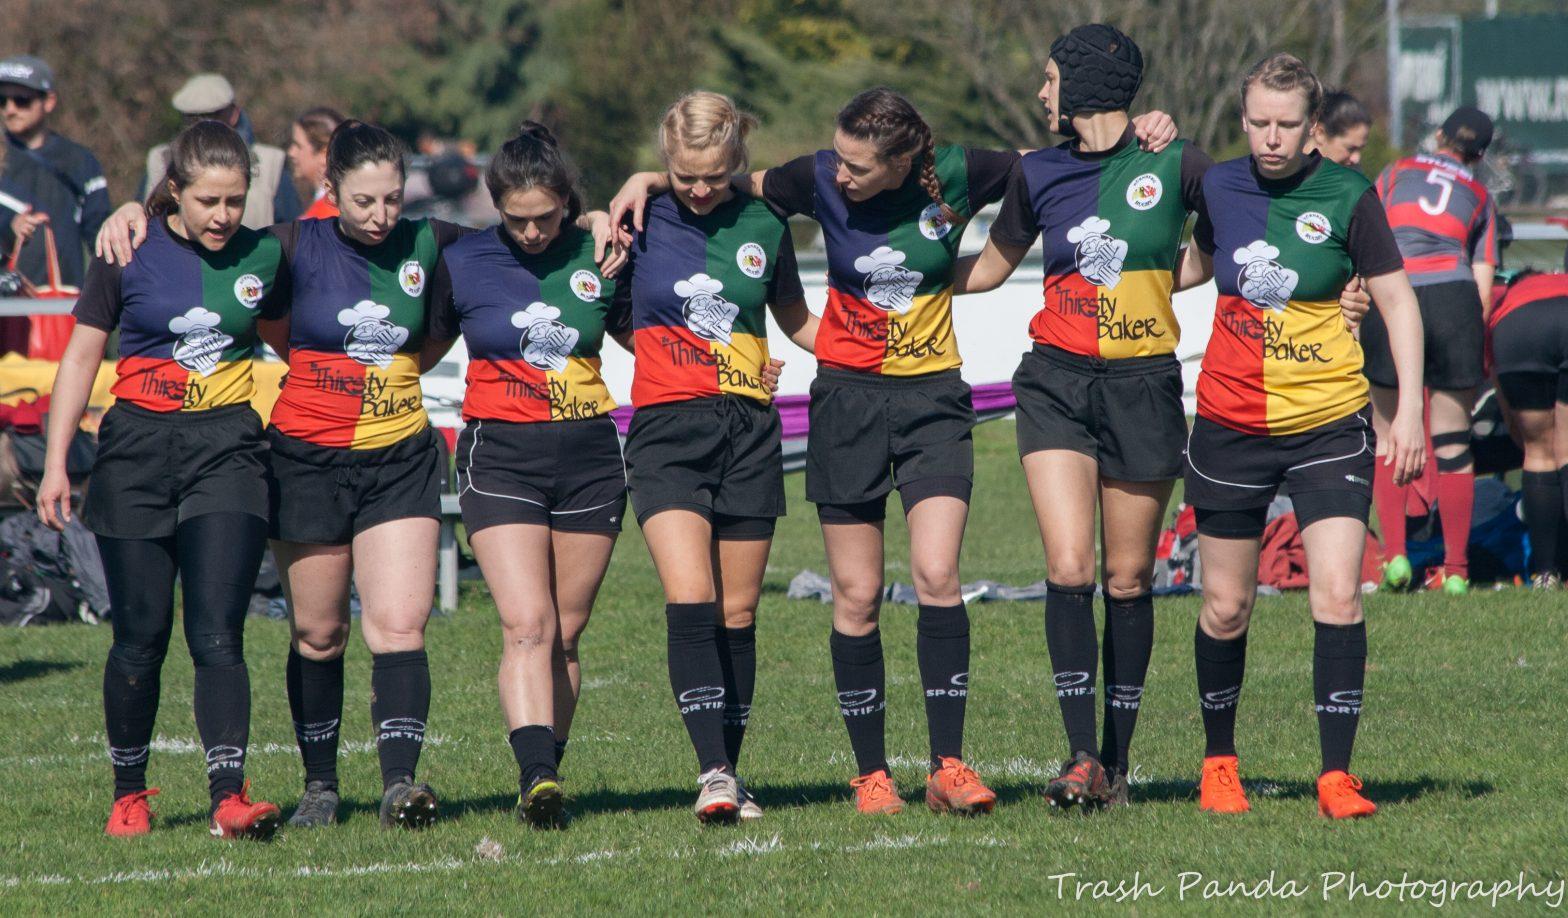 Vorbericht Damen-Spieltag in Nürnberg